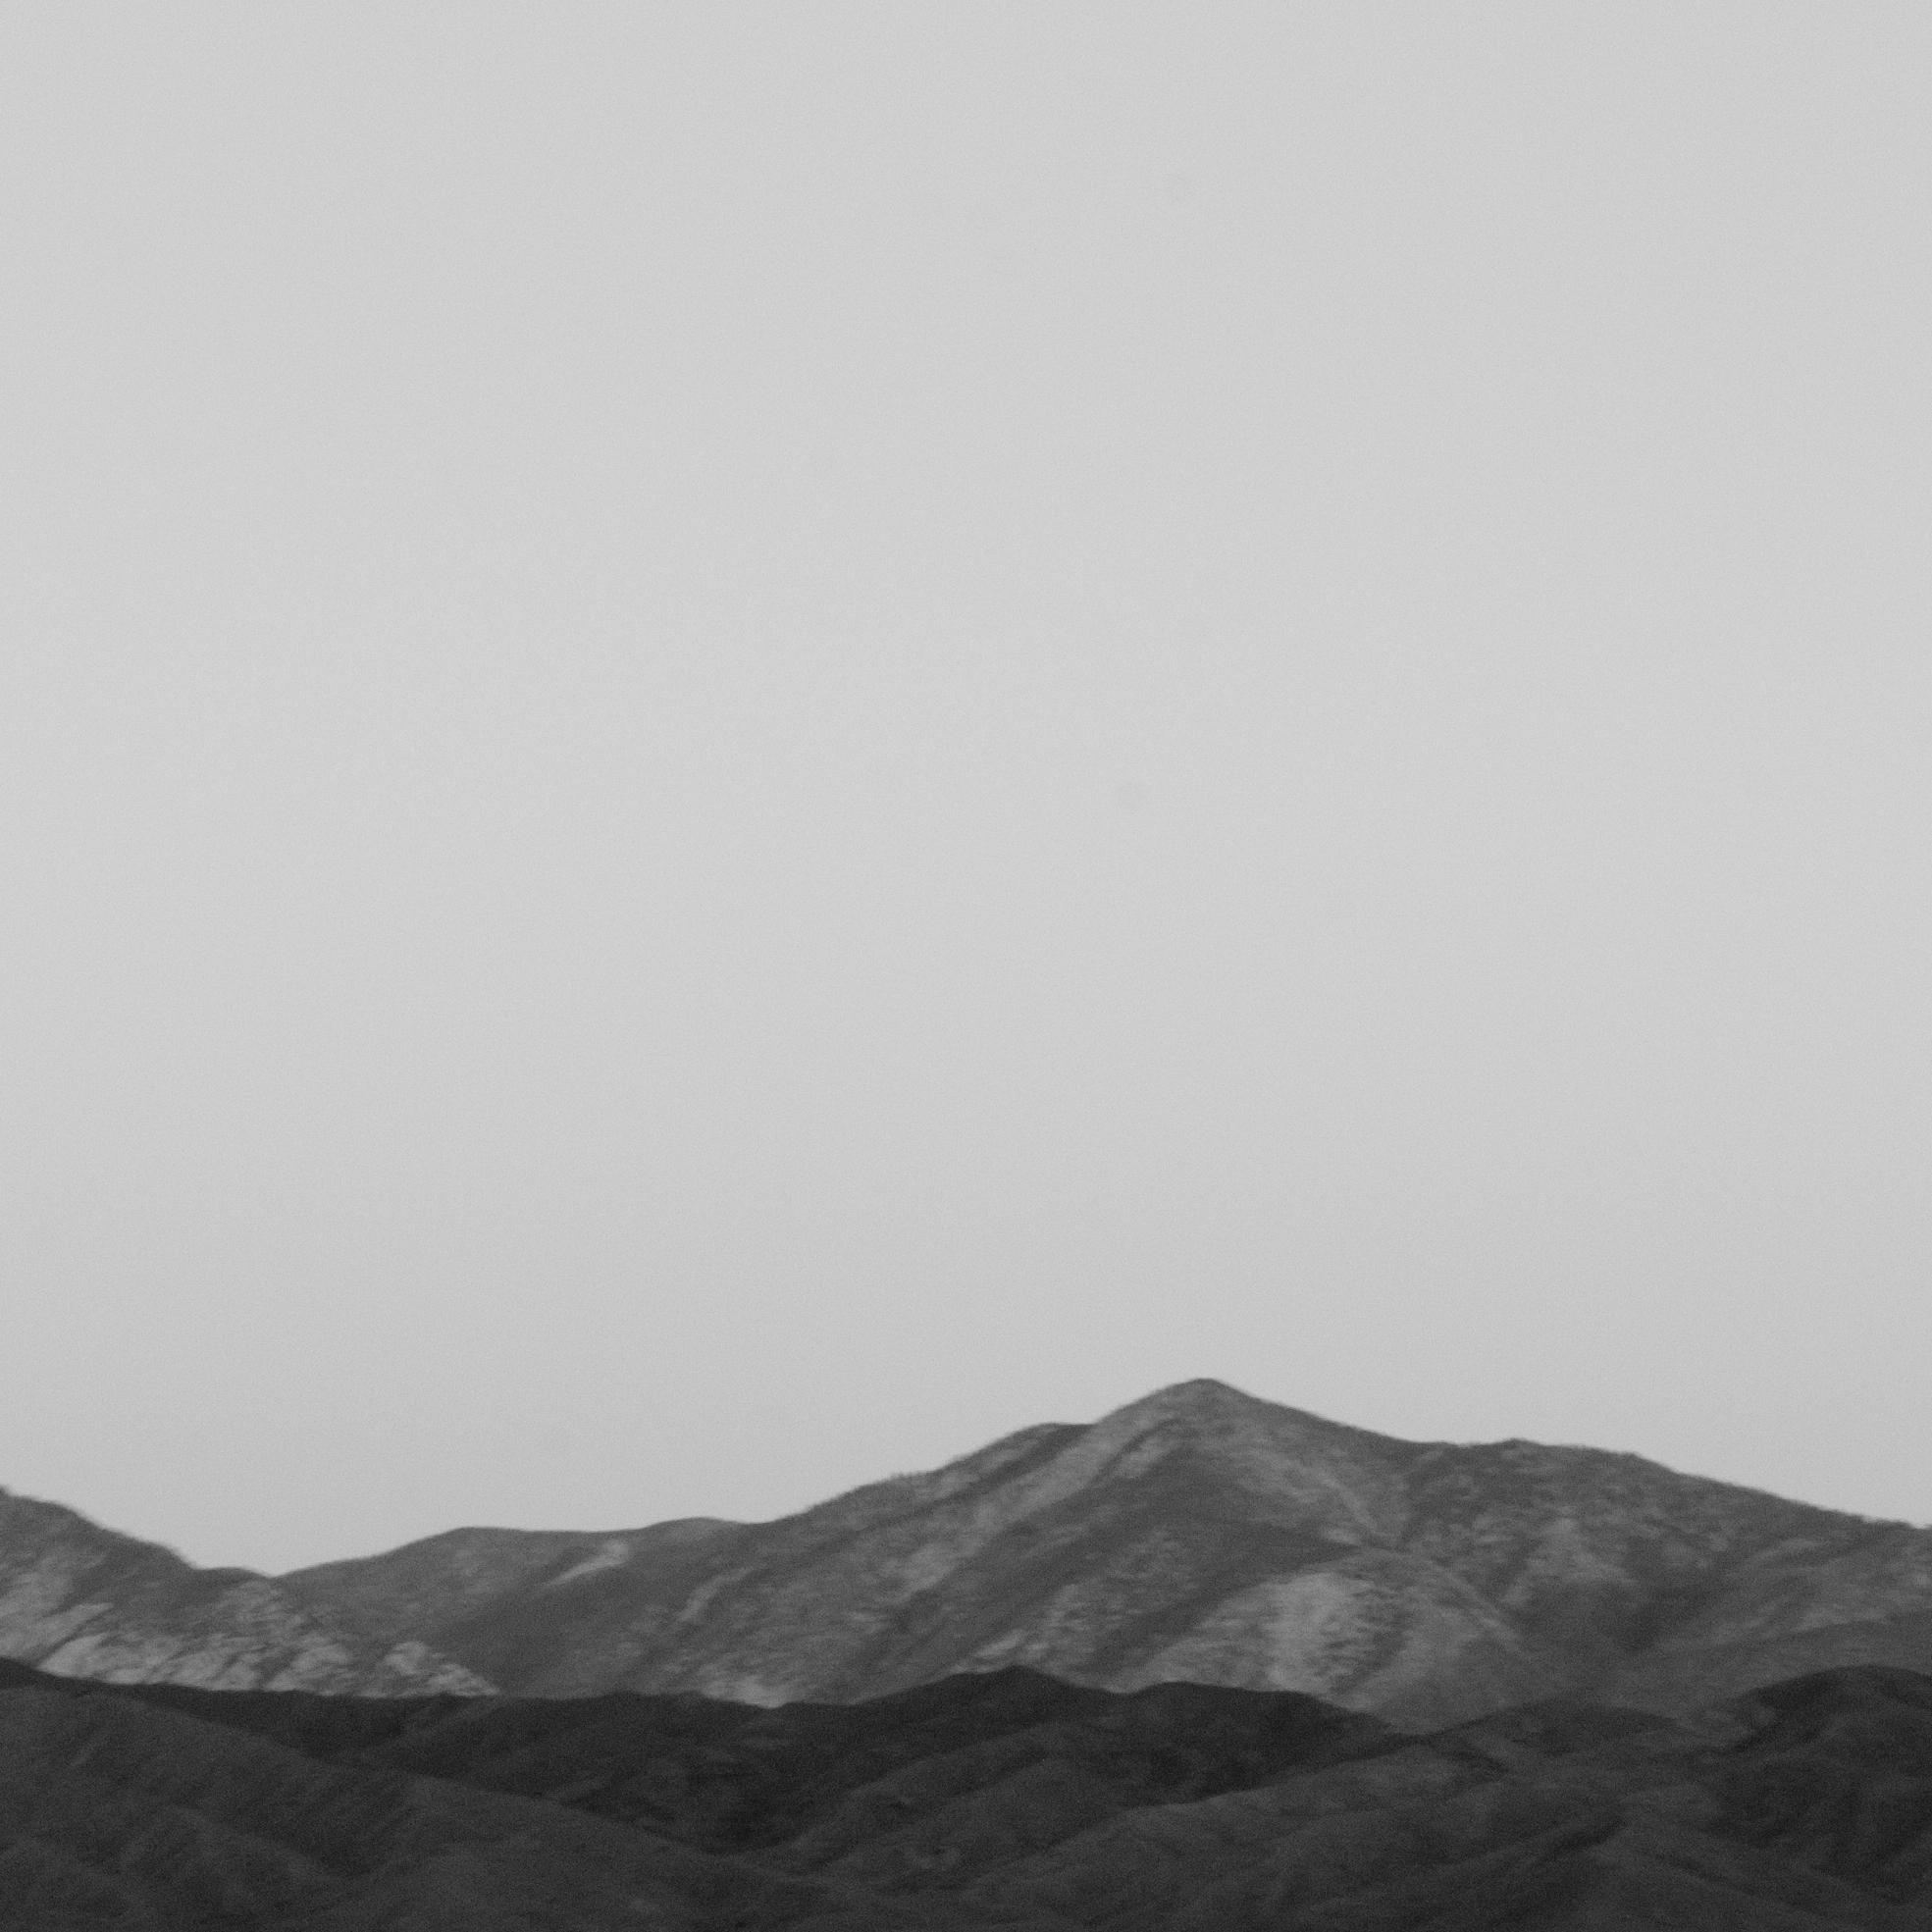 joshuatree_mountains_desert_muchoarigato.png